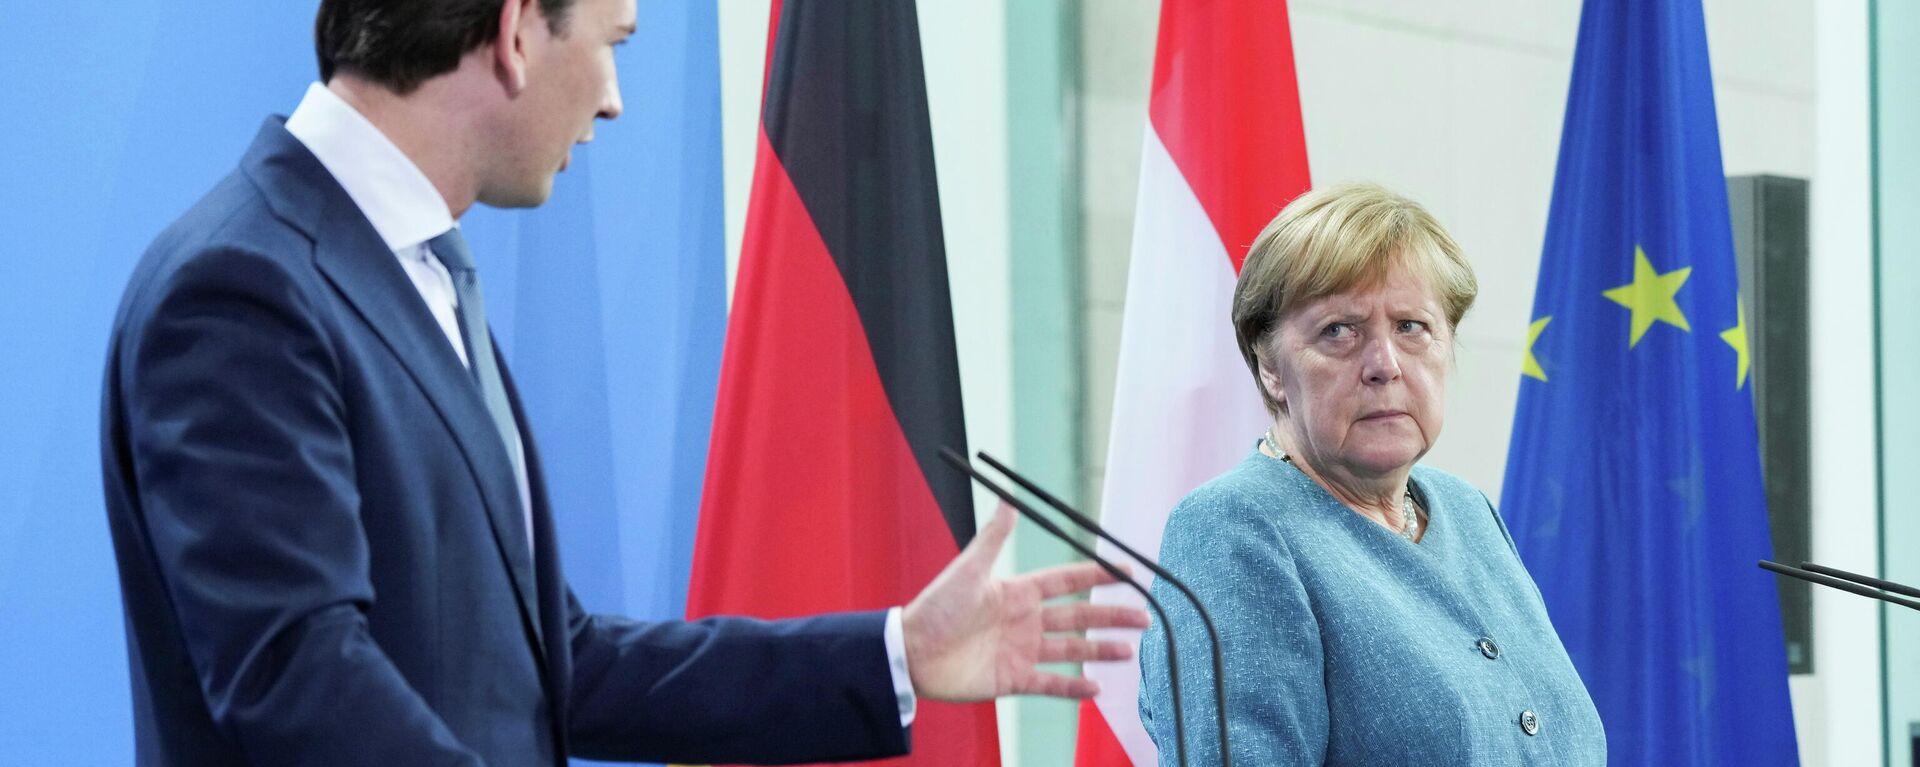 Bundeskanzlerin Angela Merkel und Österreichs Bundeskanzler Sebastian Kurz auf einer Pressekonferenz vor Gesprächen in Berlin, den 31. August. - SNA, 1920, 31.08.2021